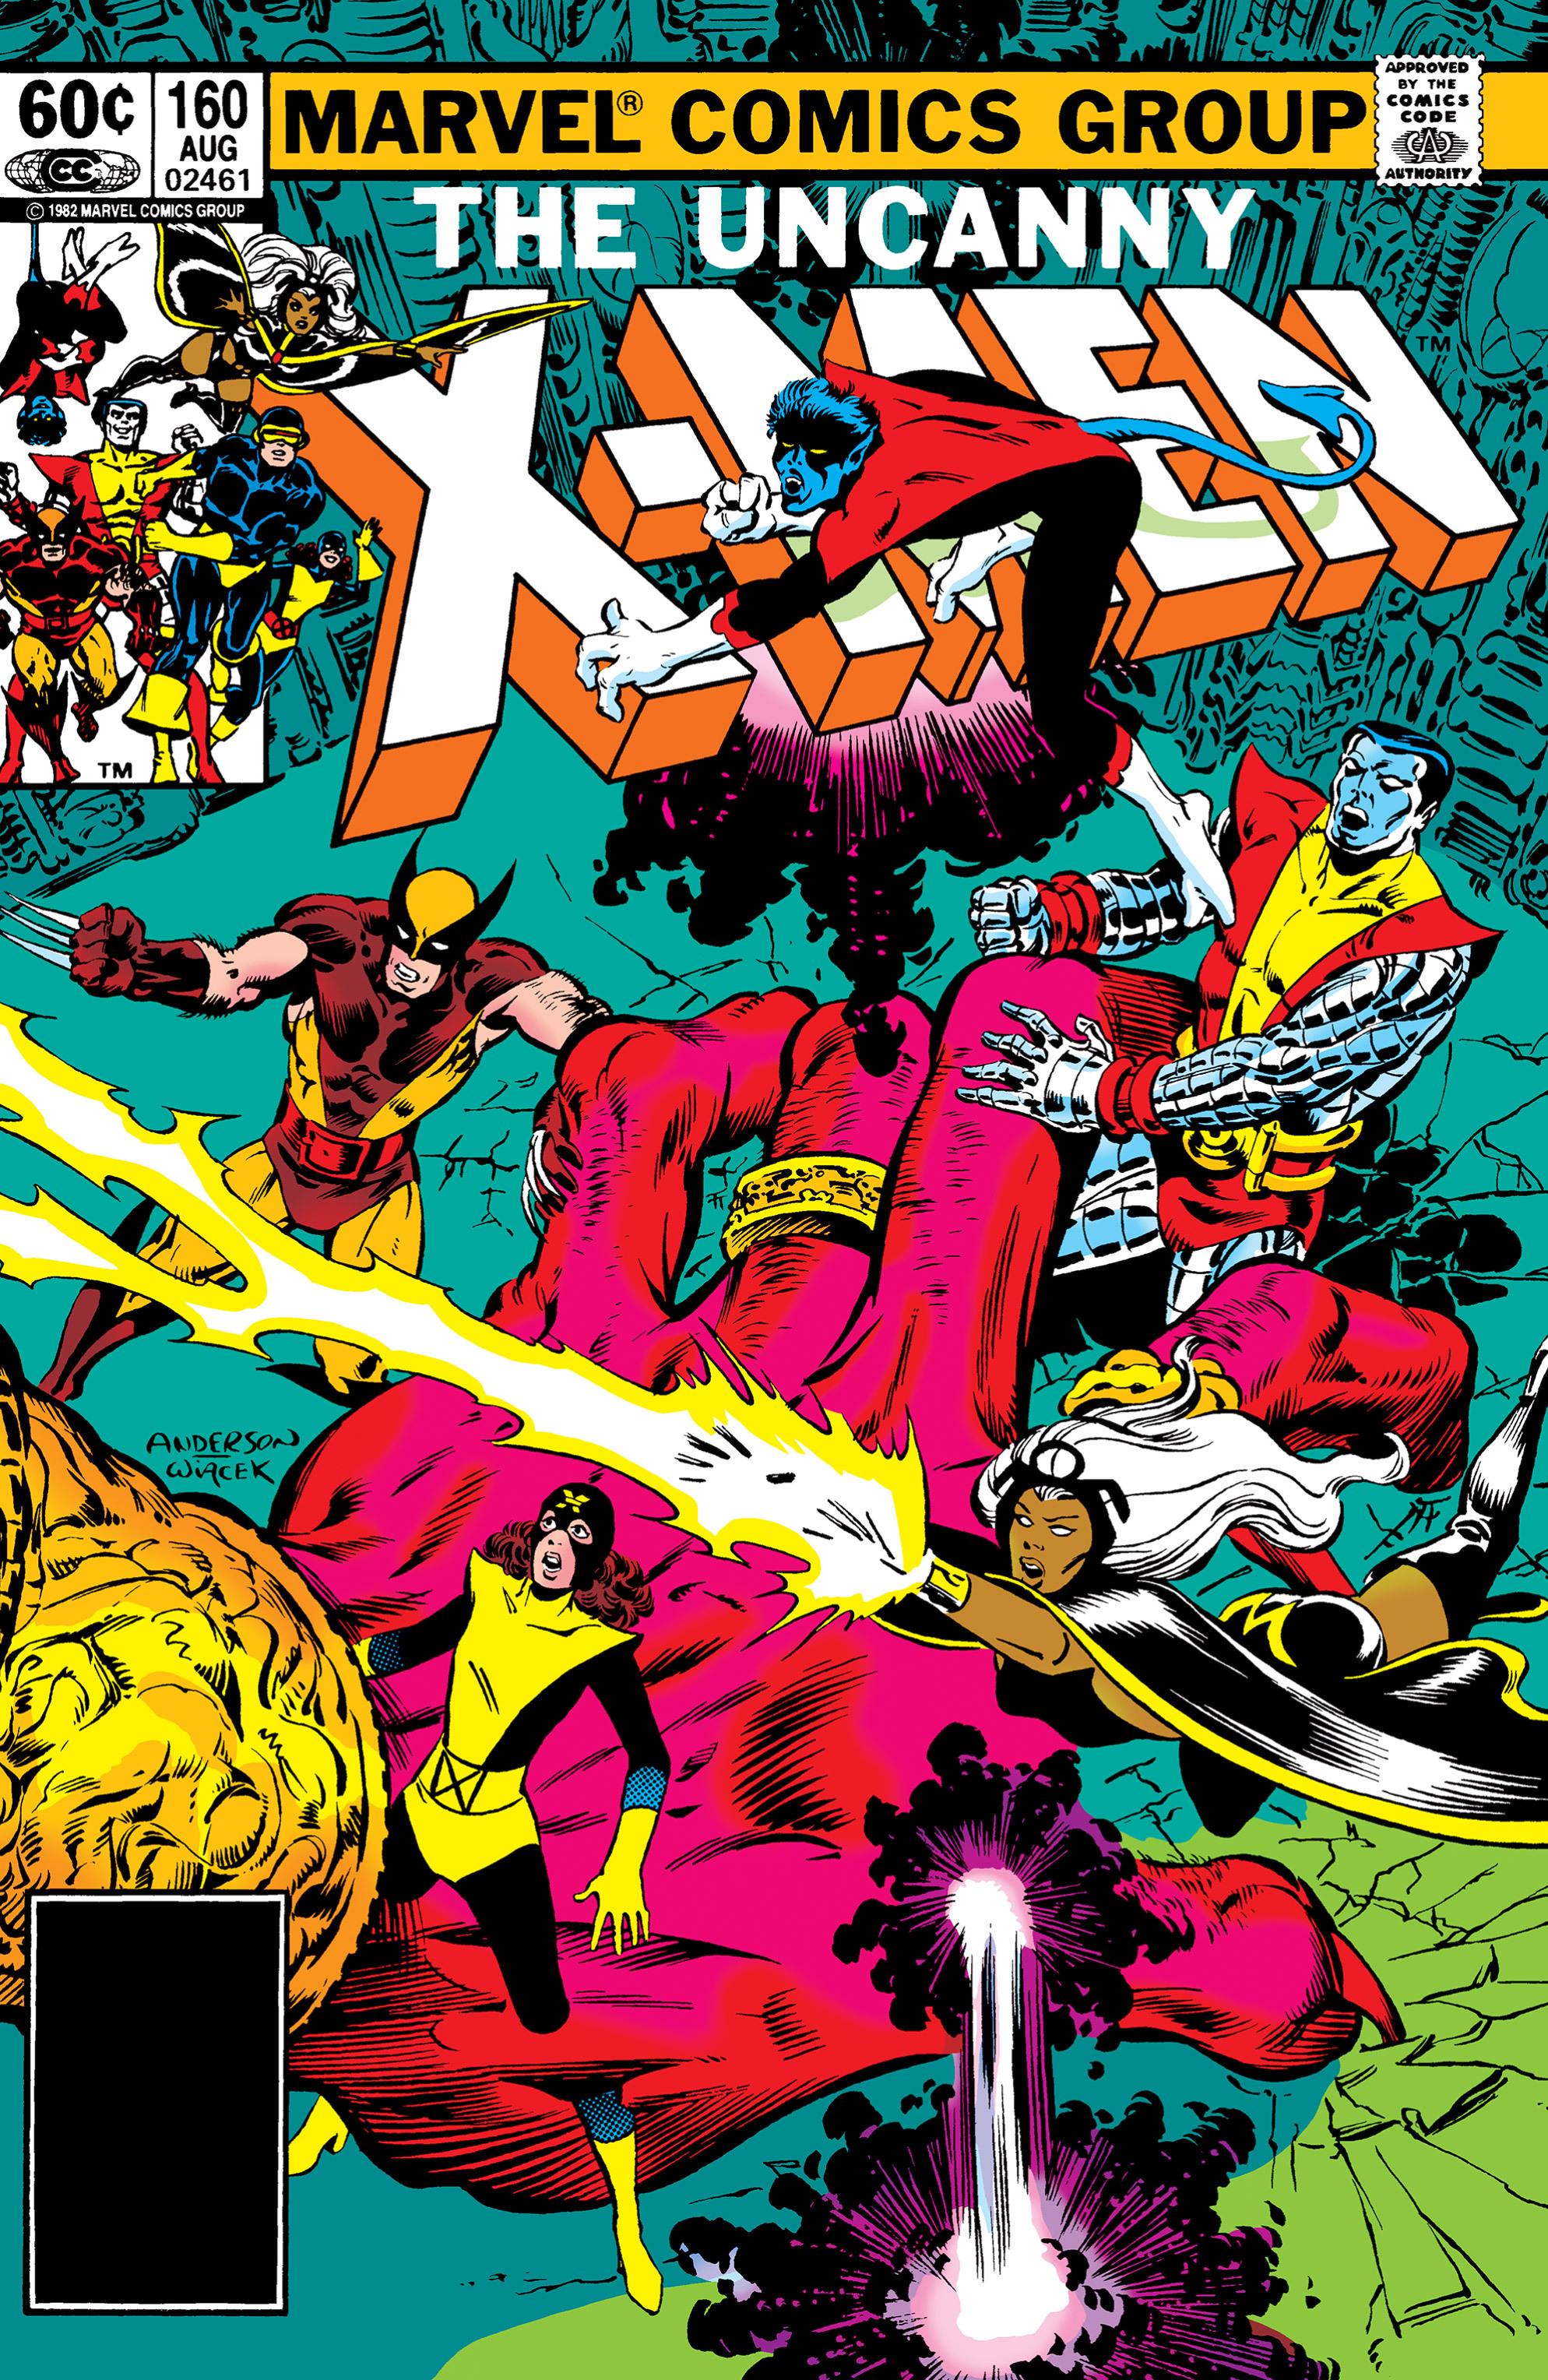 Uncanny X-Men (1963) 160 Page 1